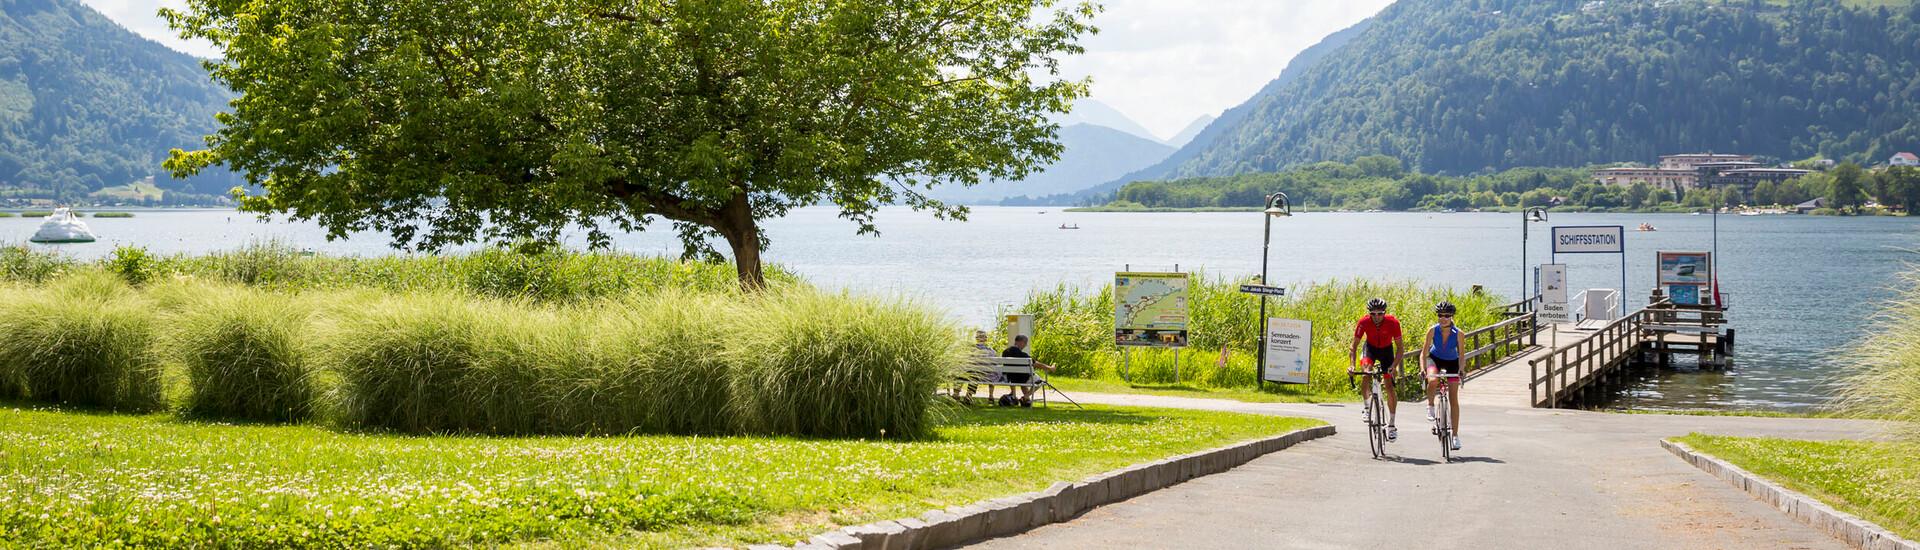 Ein Paar fährt beim Radurlaub in Kärnten am Seeufer entlang